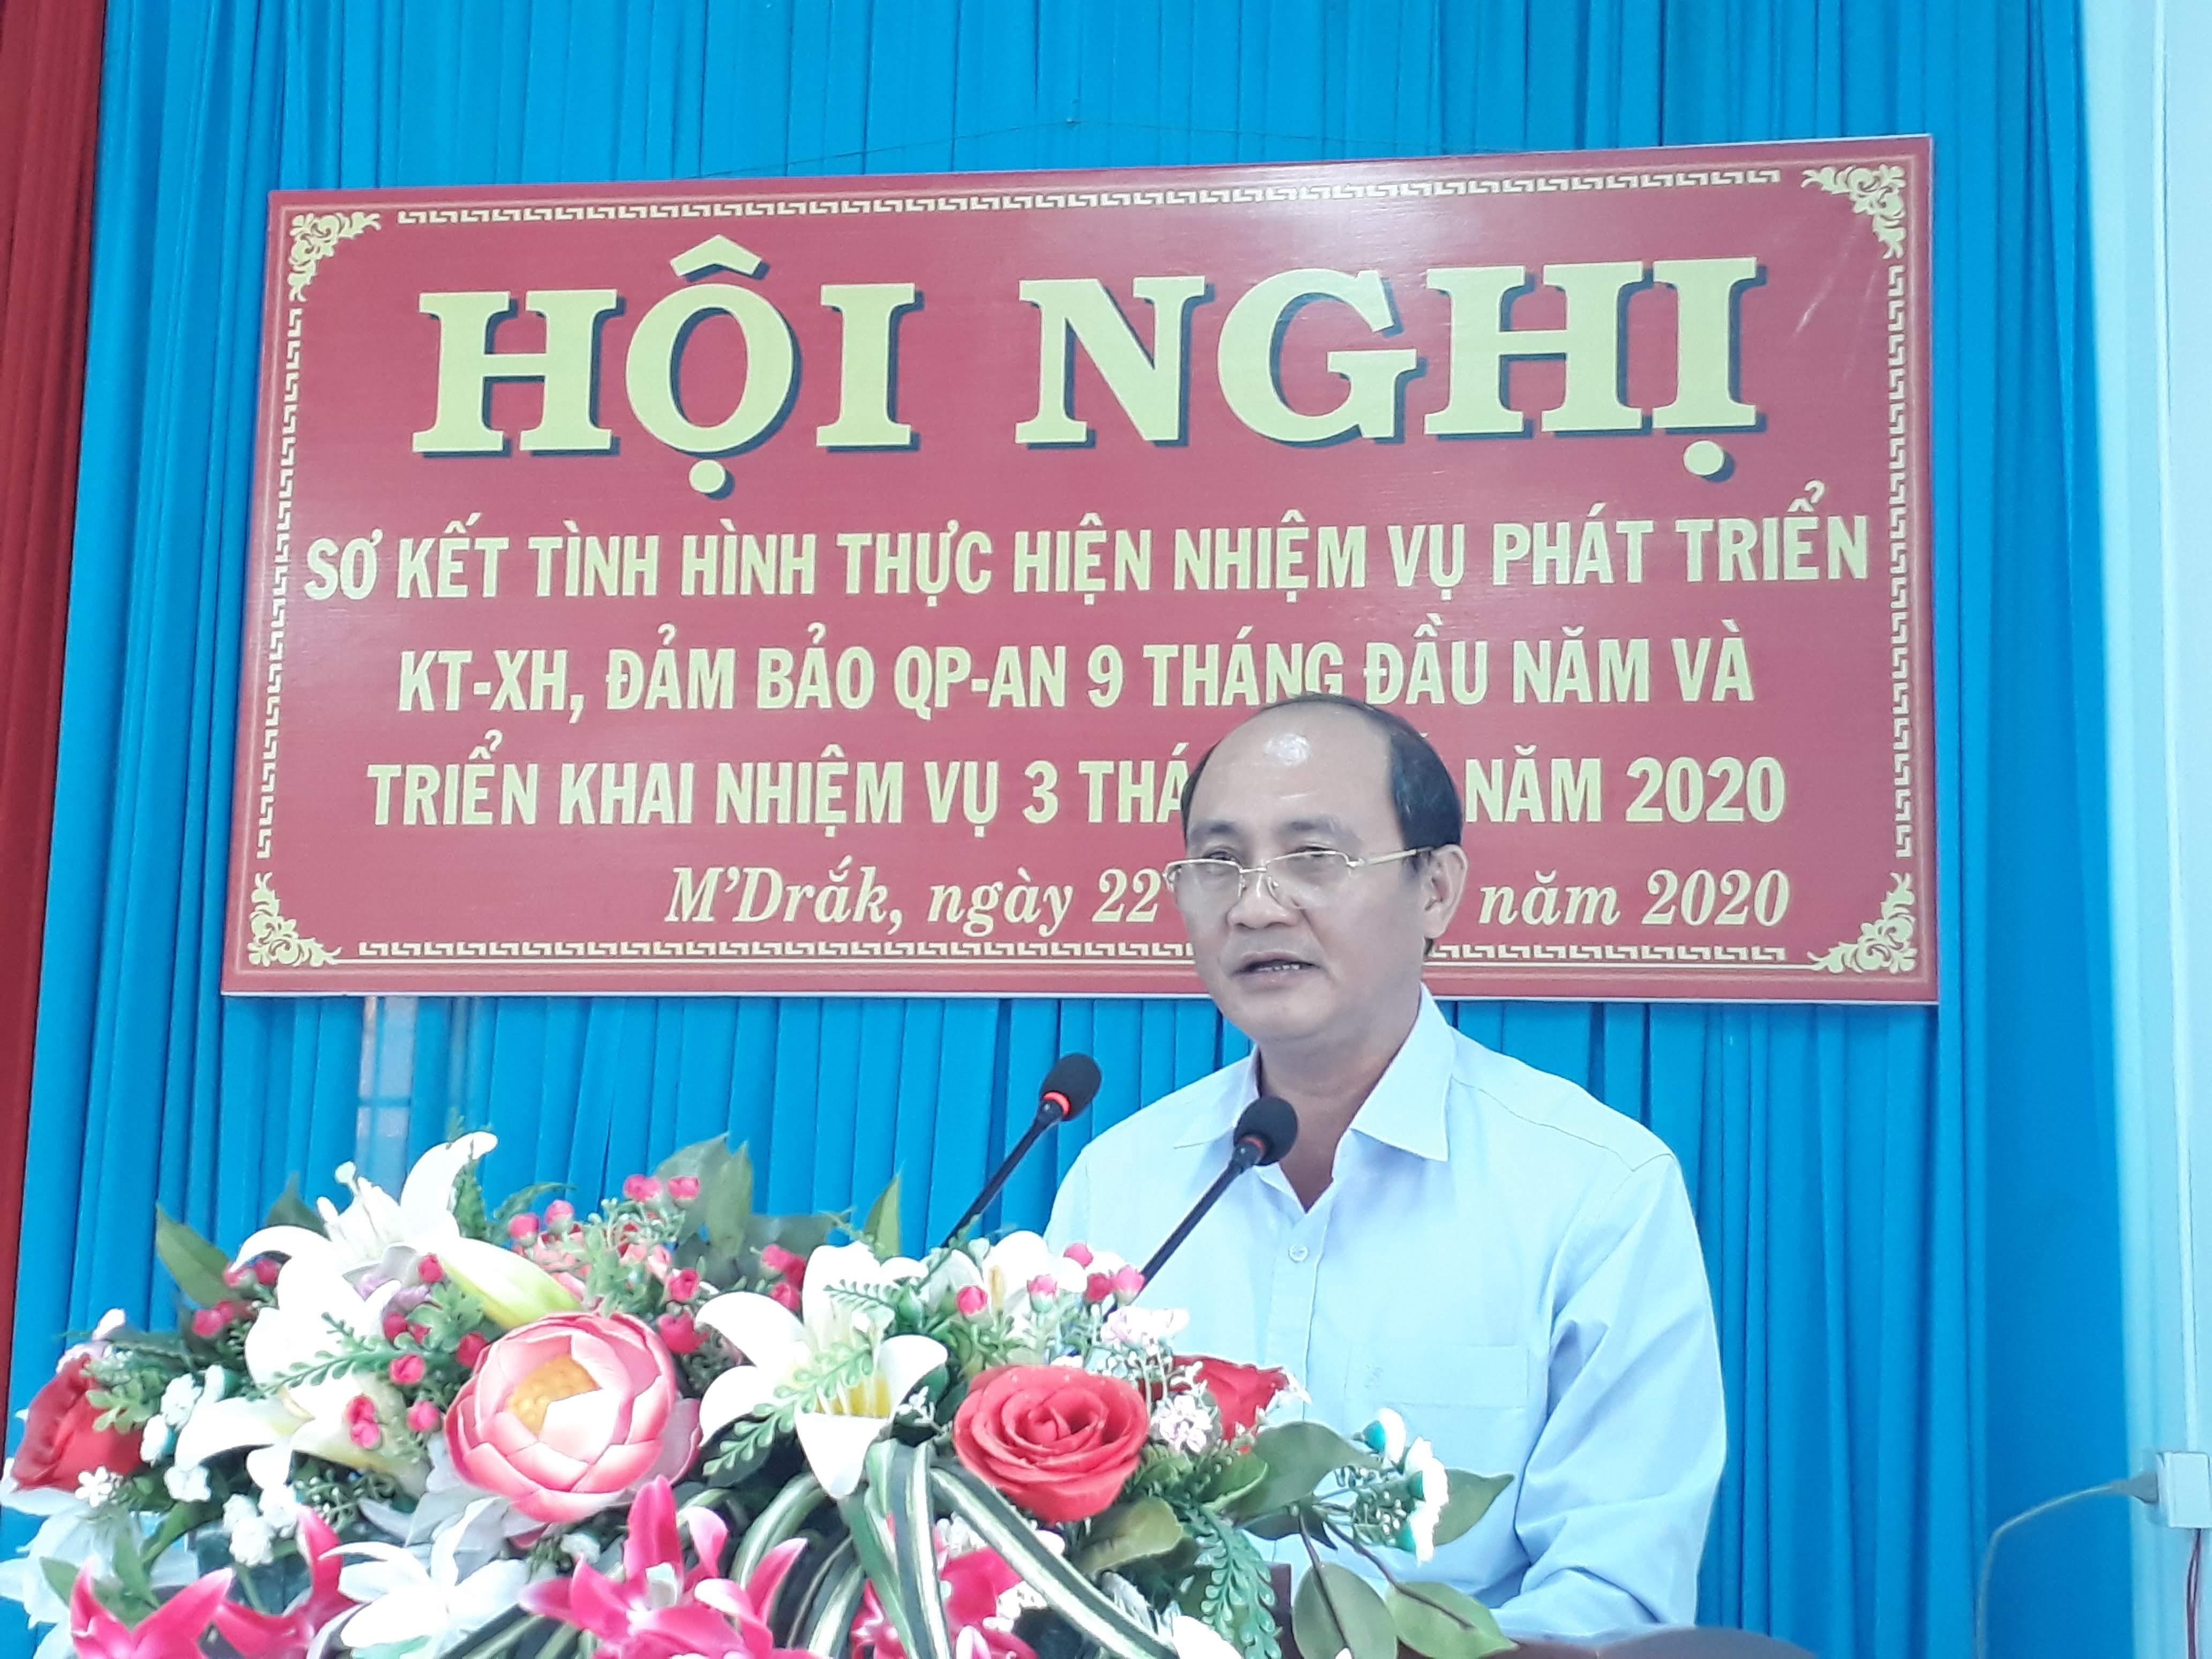 UBND huyện M'Drắk triển khai nhiệm vụ 3 tháng cuối năm 2020